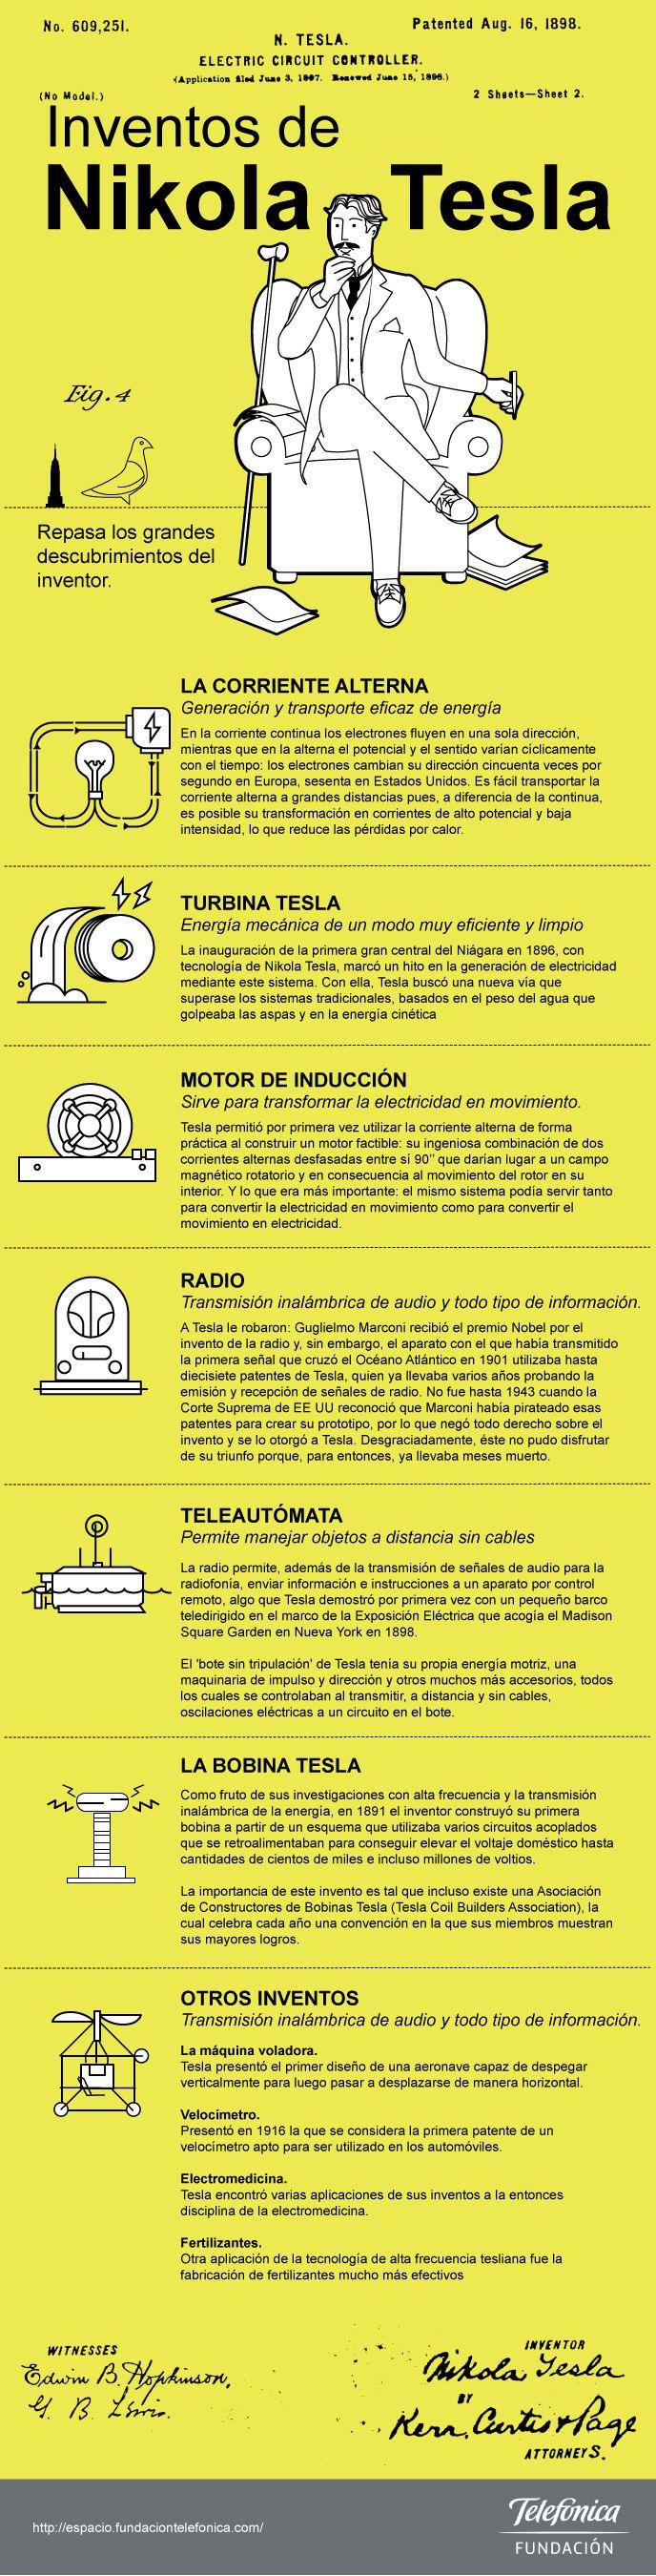 Inventos de Tesla. Espacio Fundación Telefónica.